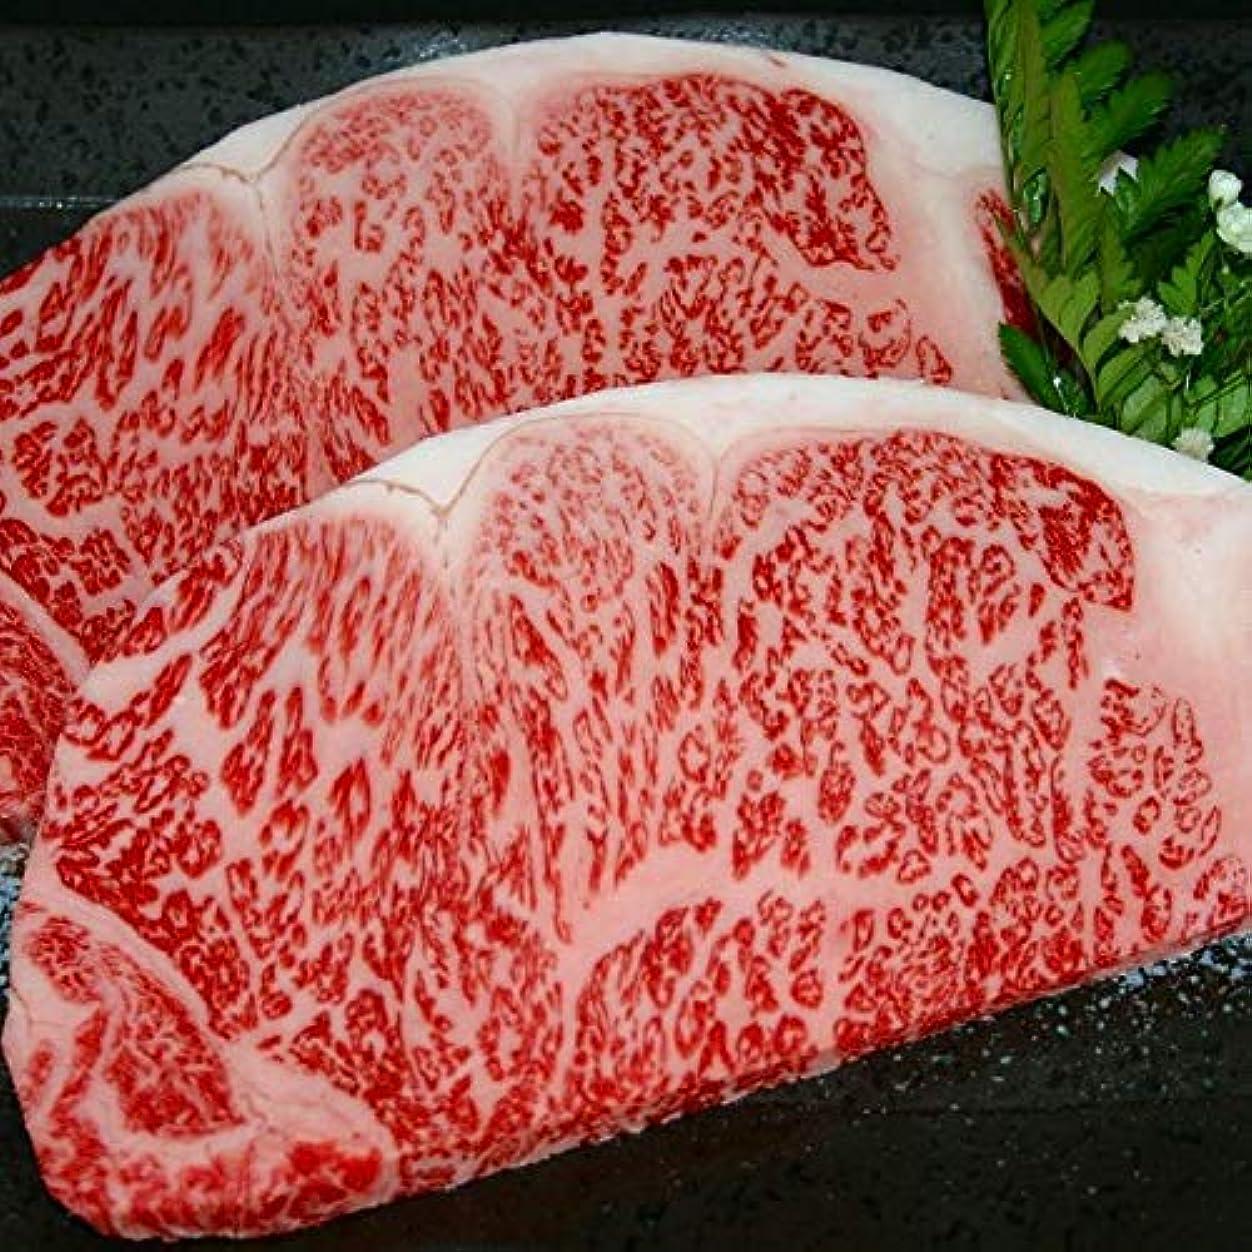 冷凍庫イースター圧倒的【米沢牛卸 肉の上杉】 米沢牛サーロイン ステーキ用 600g(200g x 3枚) ギフト用桐箱仕様